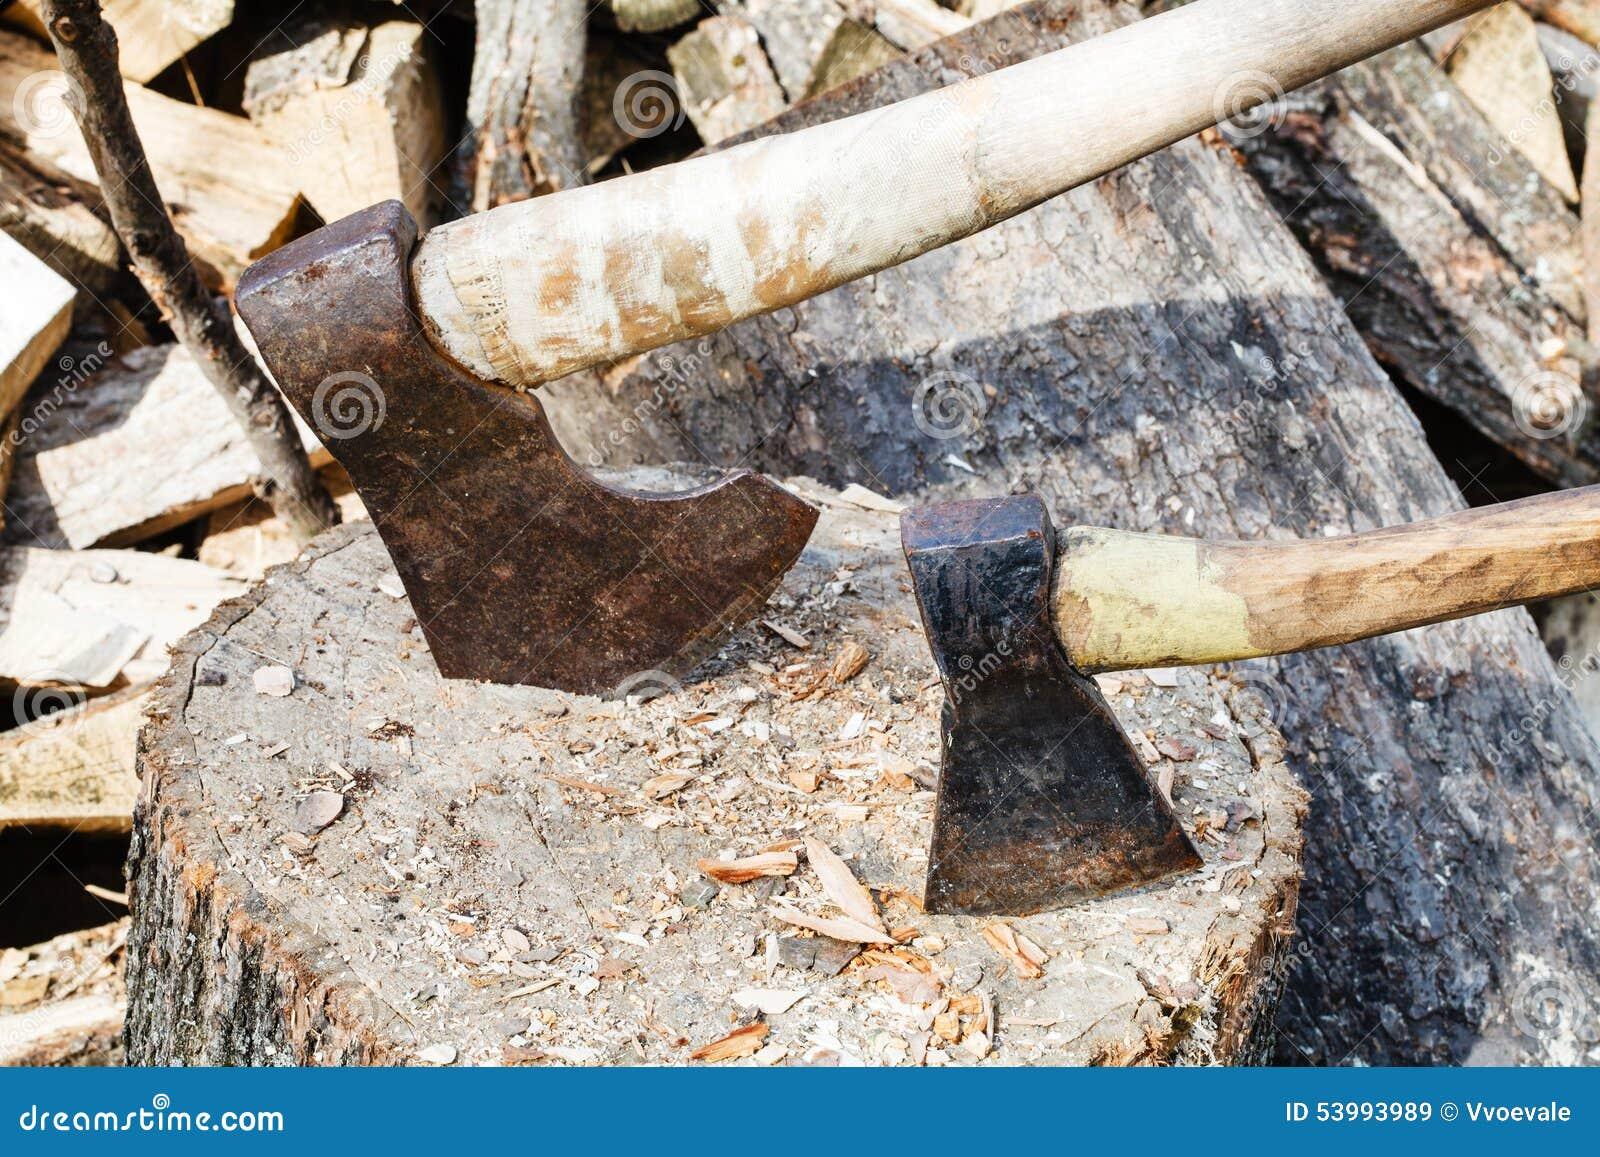 deux haches dans le bloc pour couper le bois de chauffage. Black Bedroom Furniture Sets. Home Design Ideas